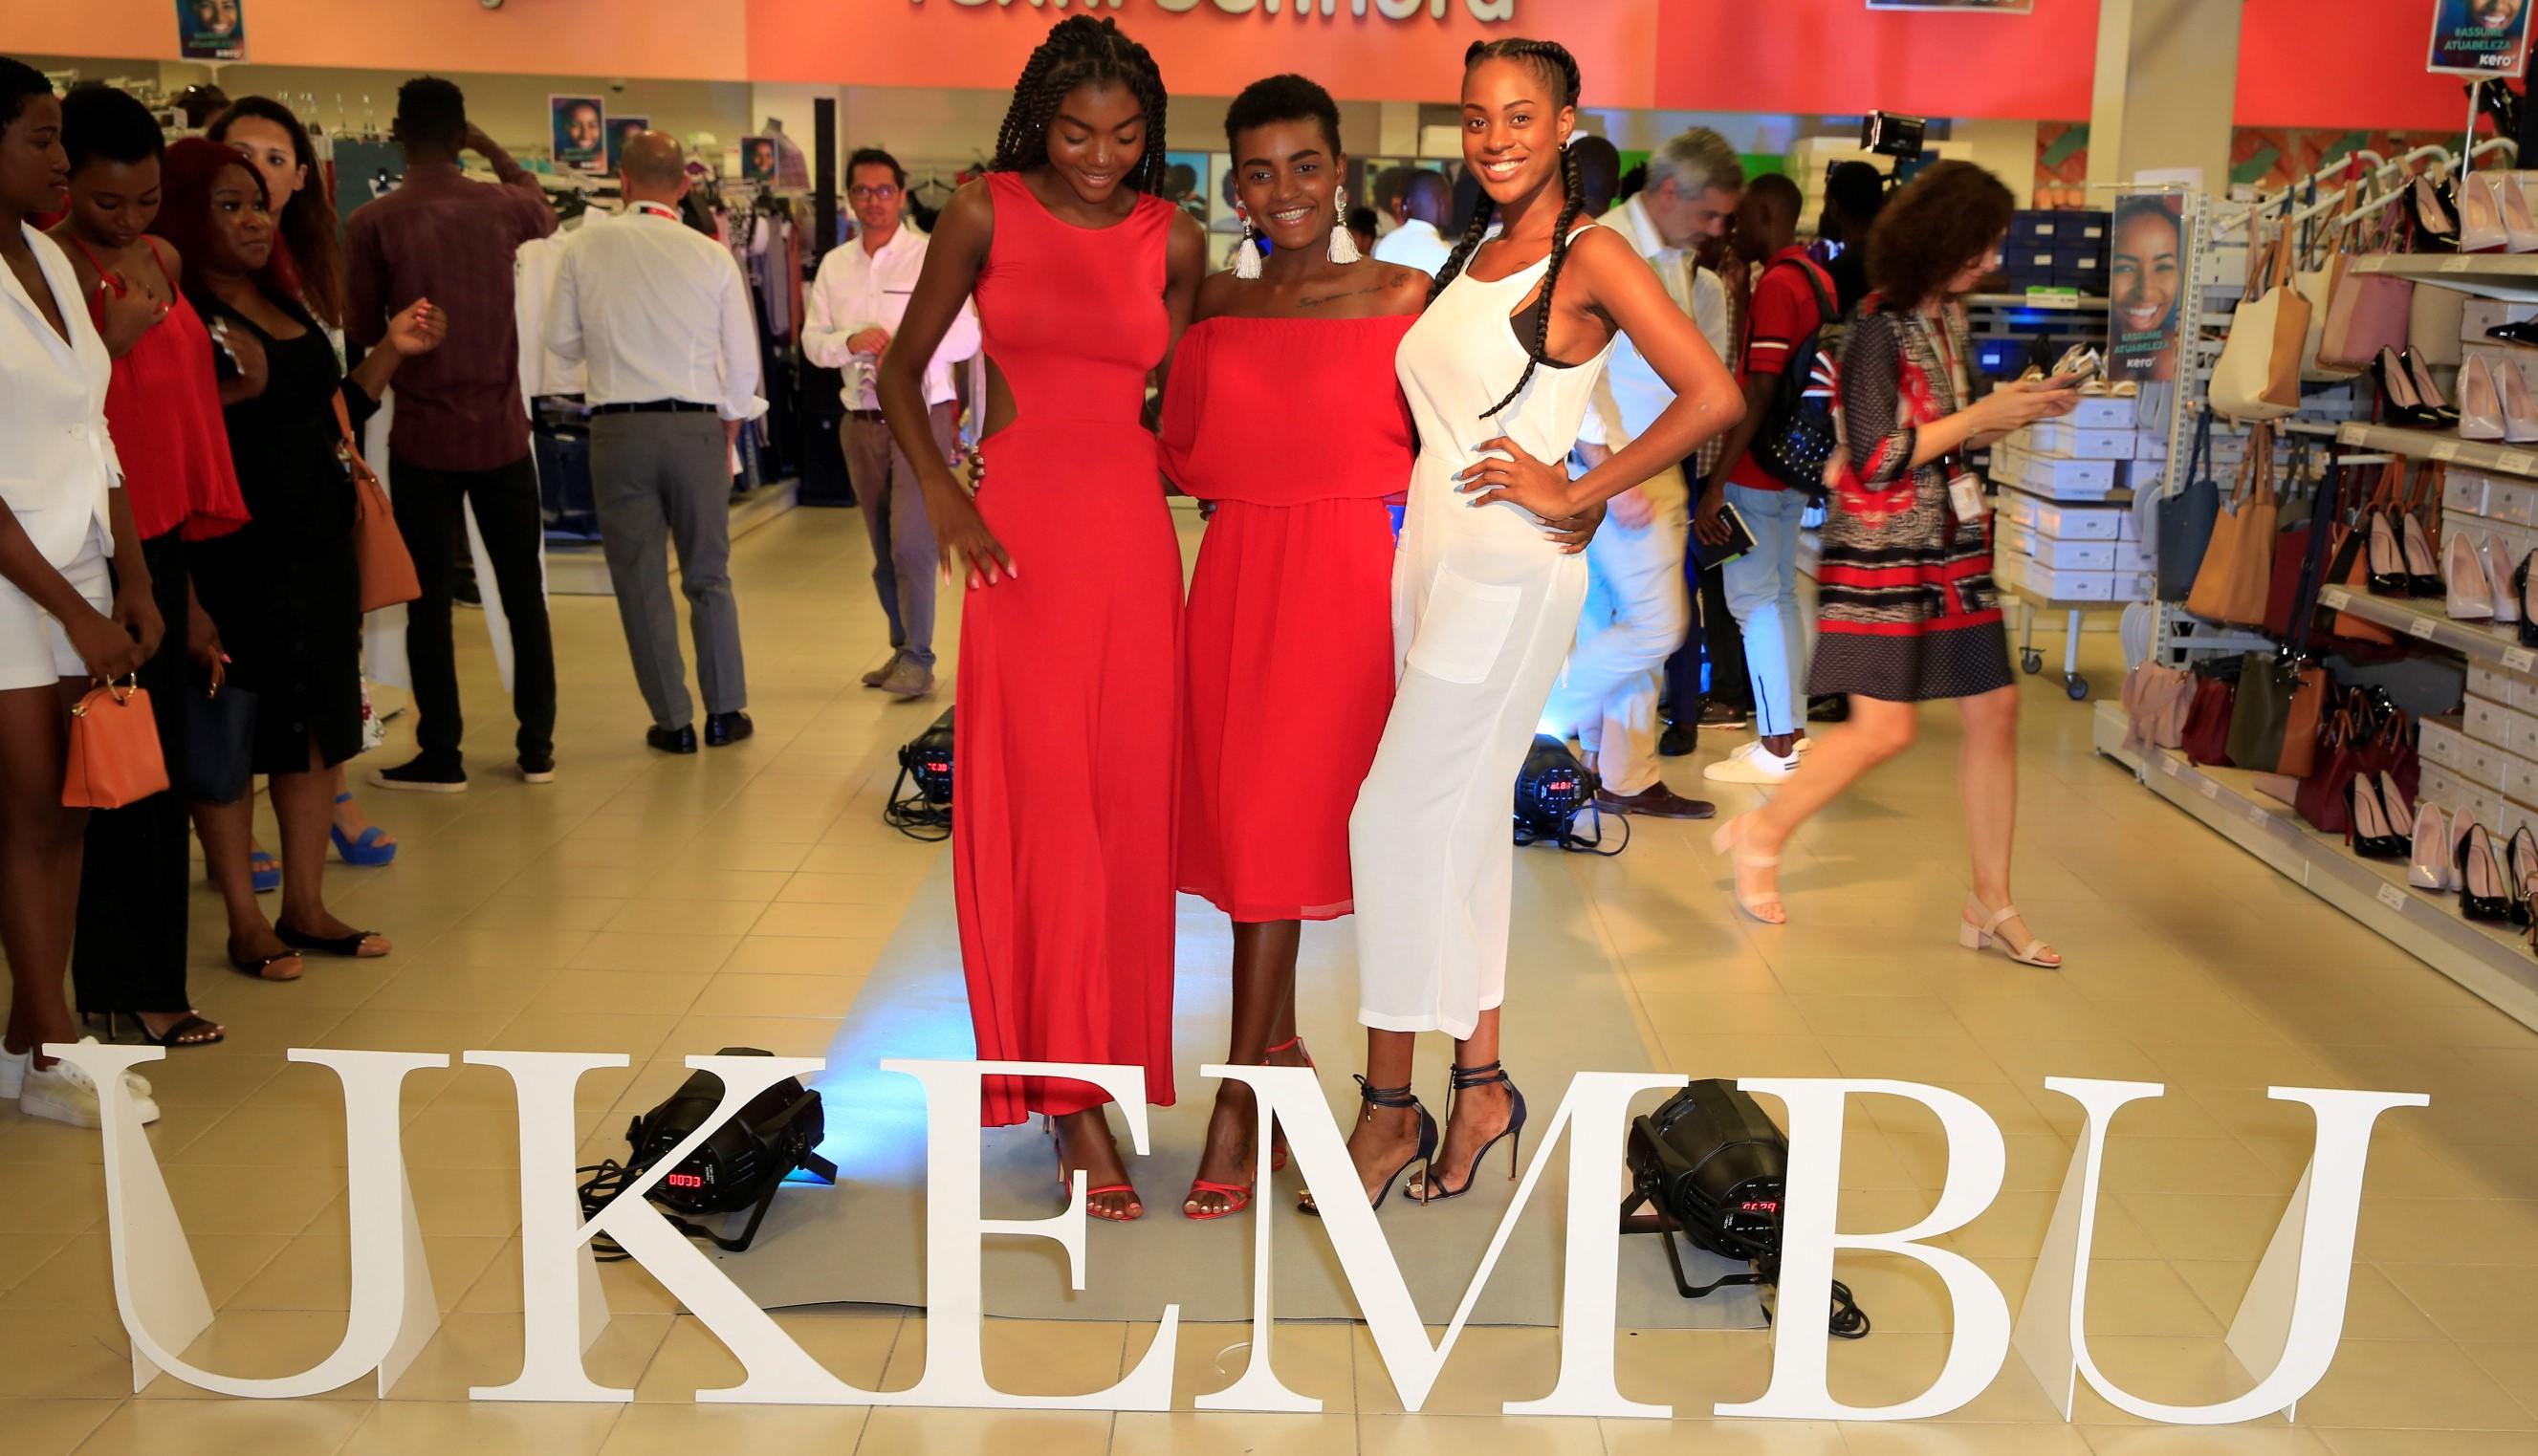 Aconteceu em Angola o desfile de moda mais pequeno do mundo